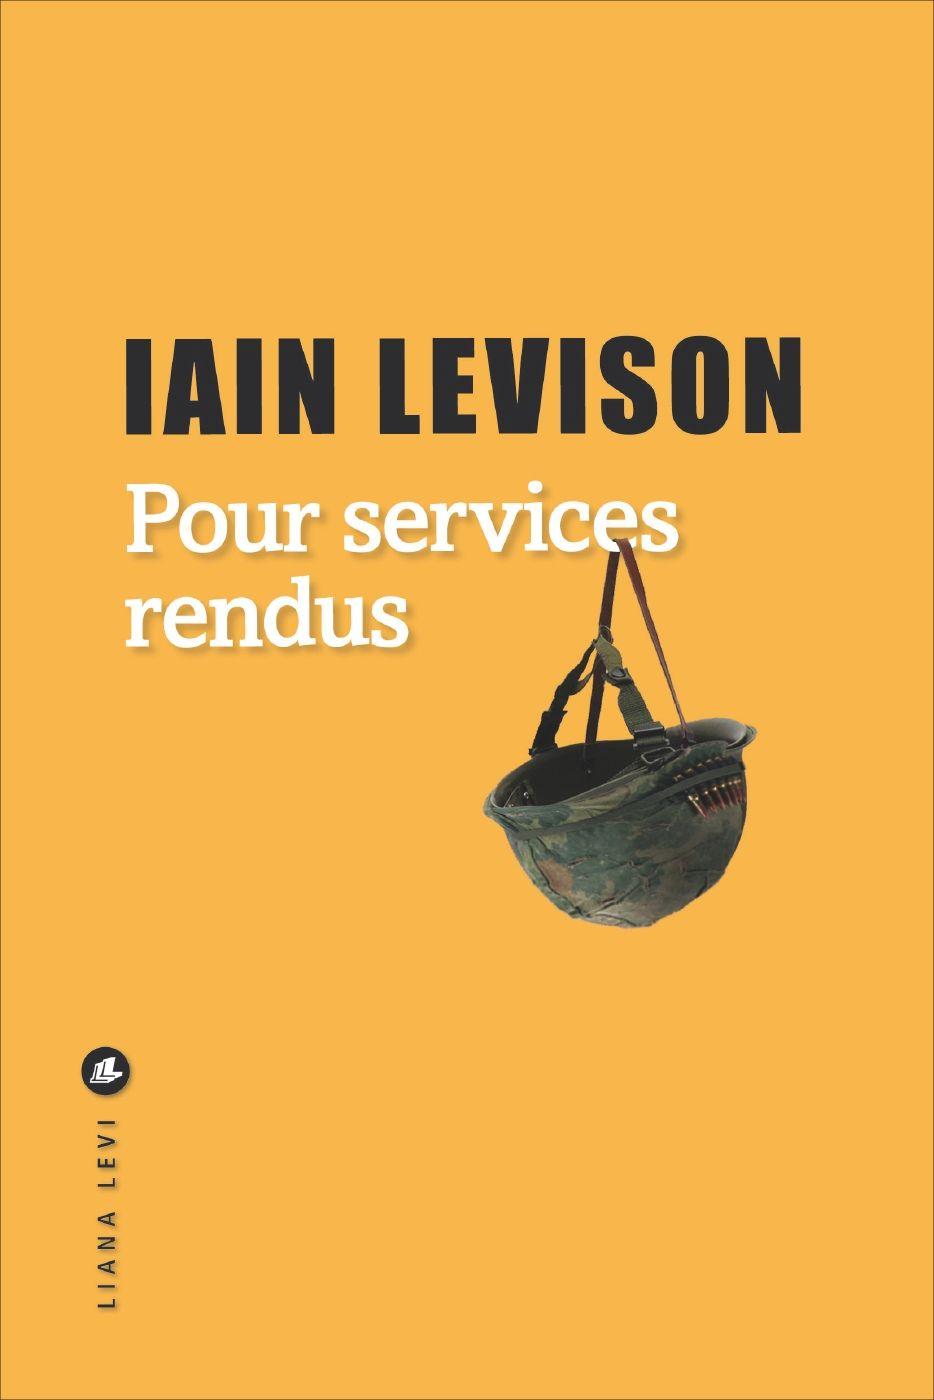 Pour services rendus | LEVISON, Iain